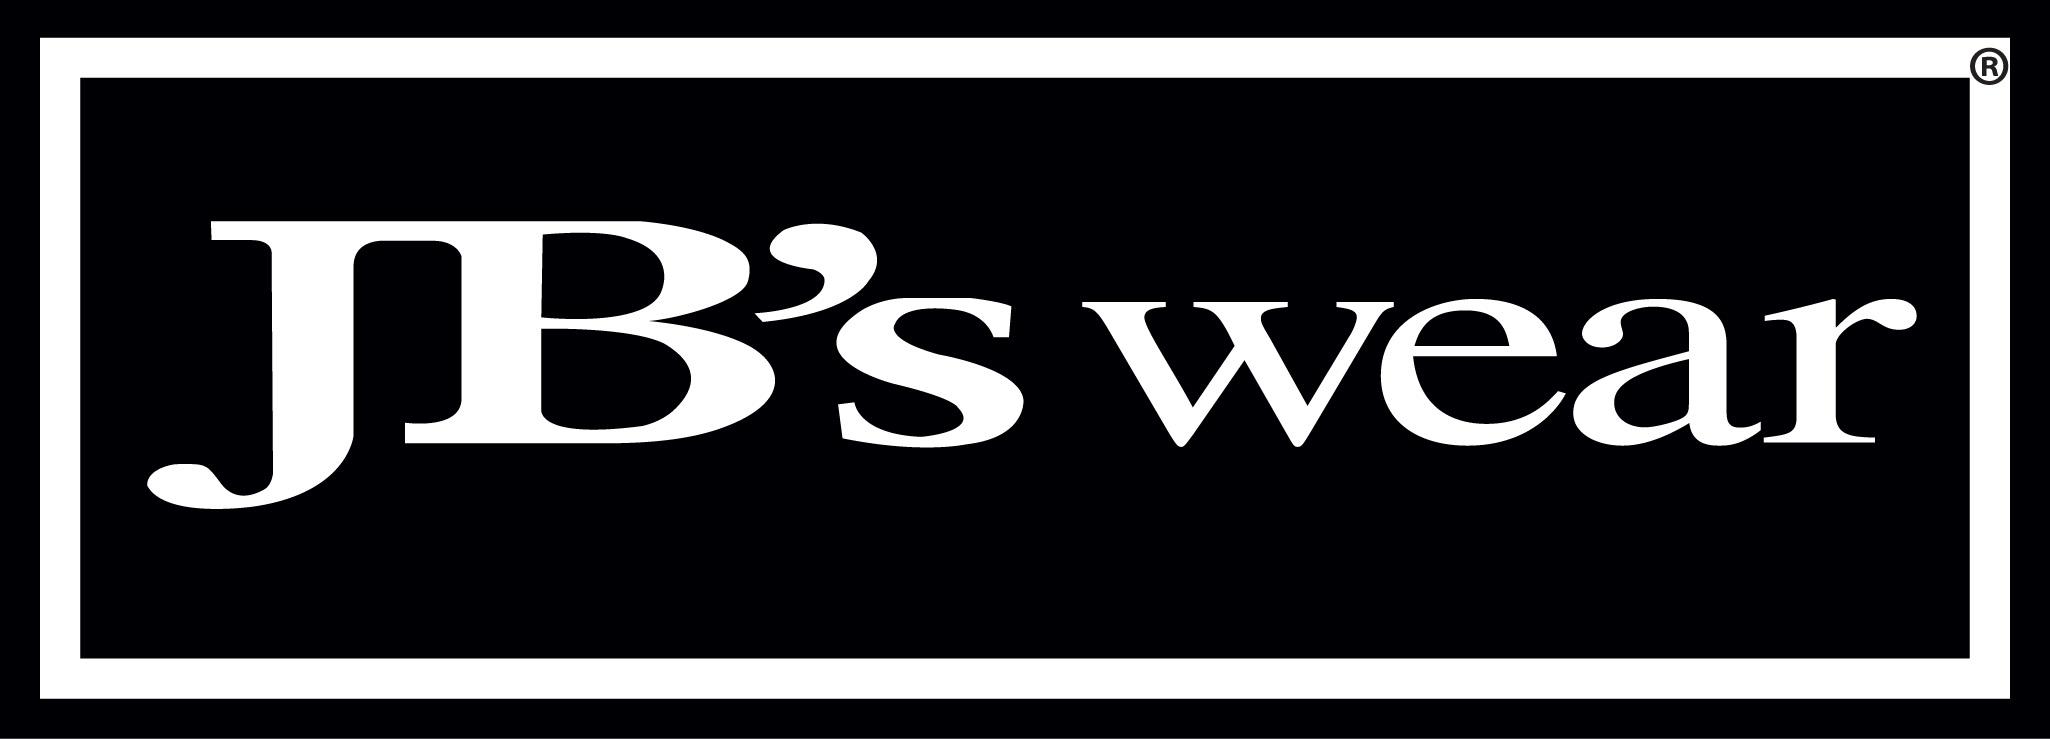 jb-s-wear-logo.jpg